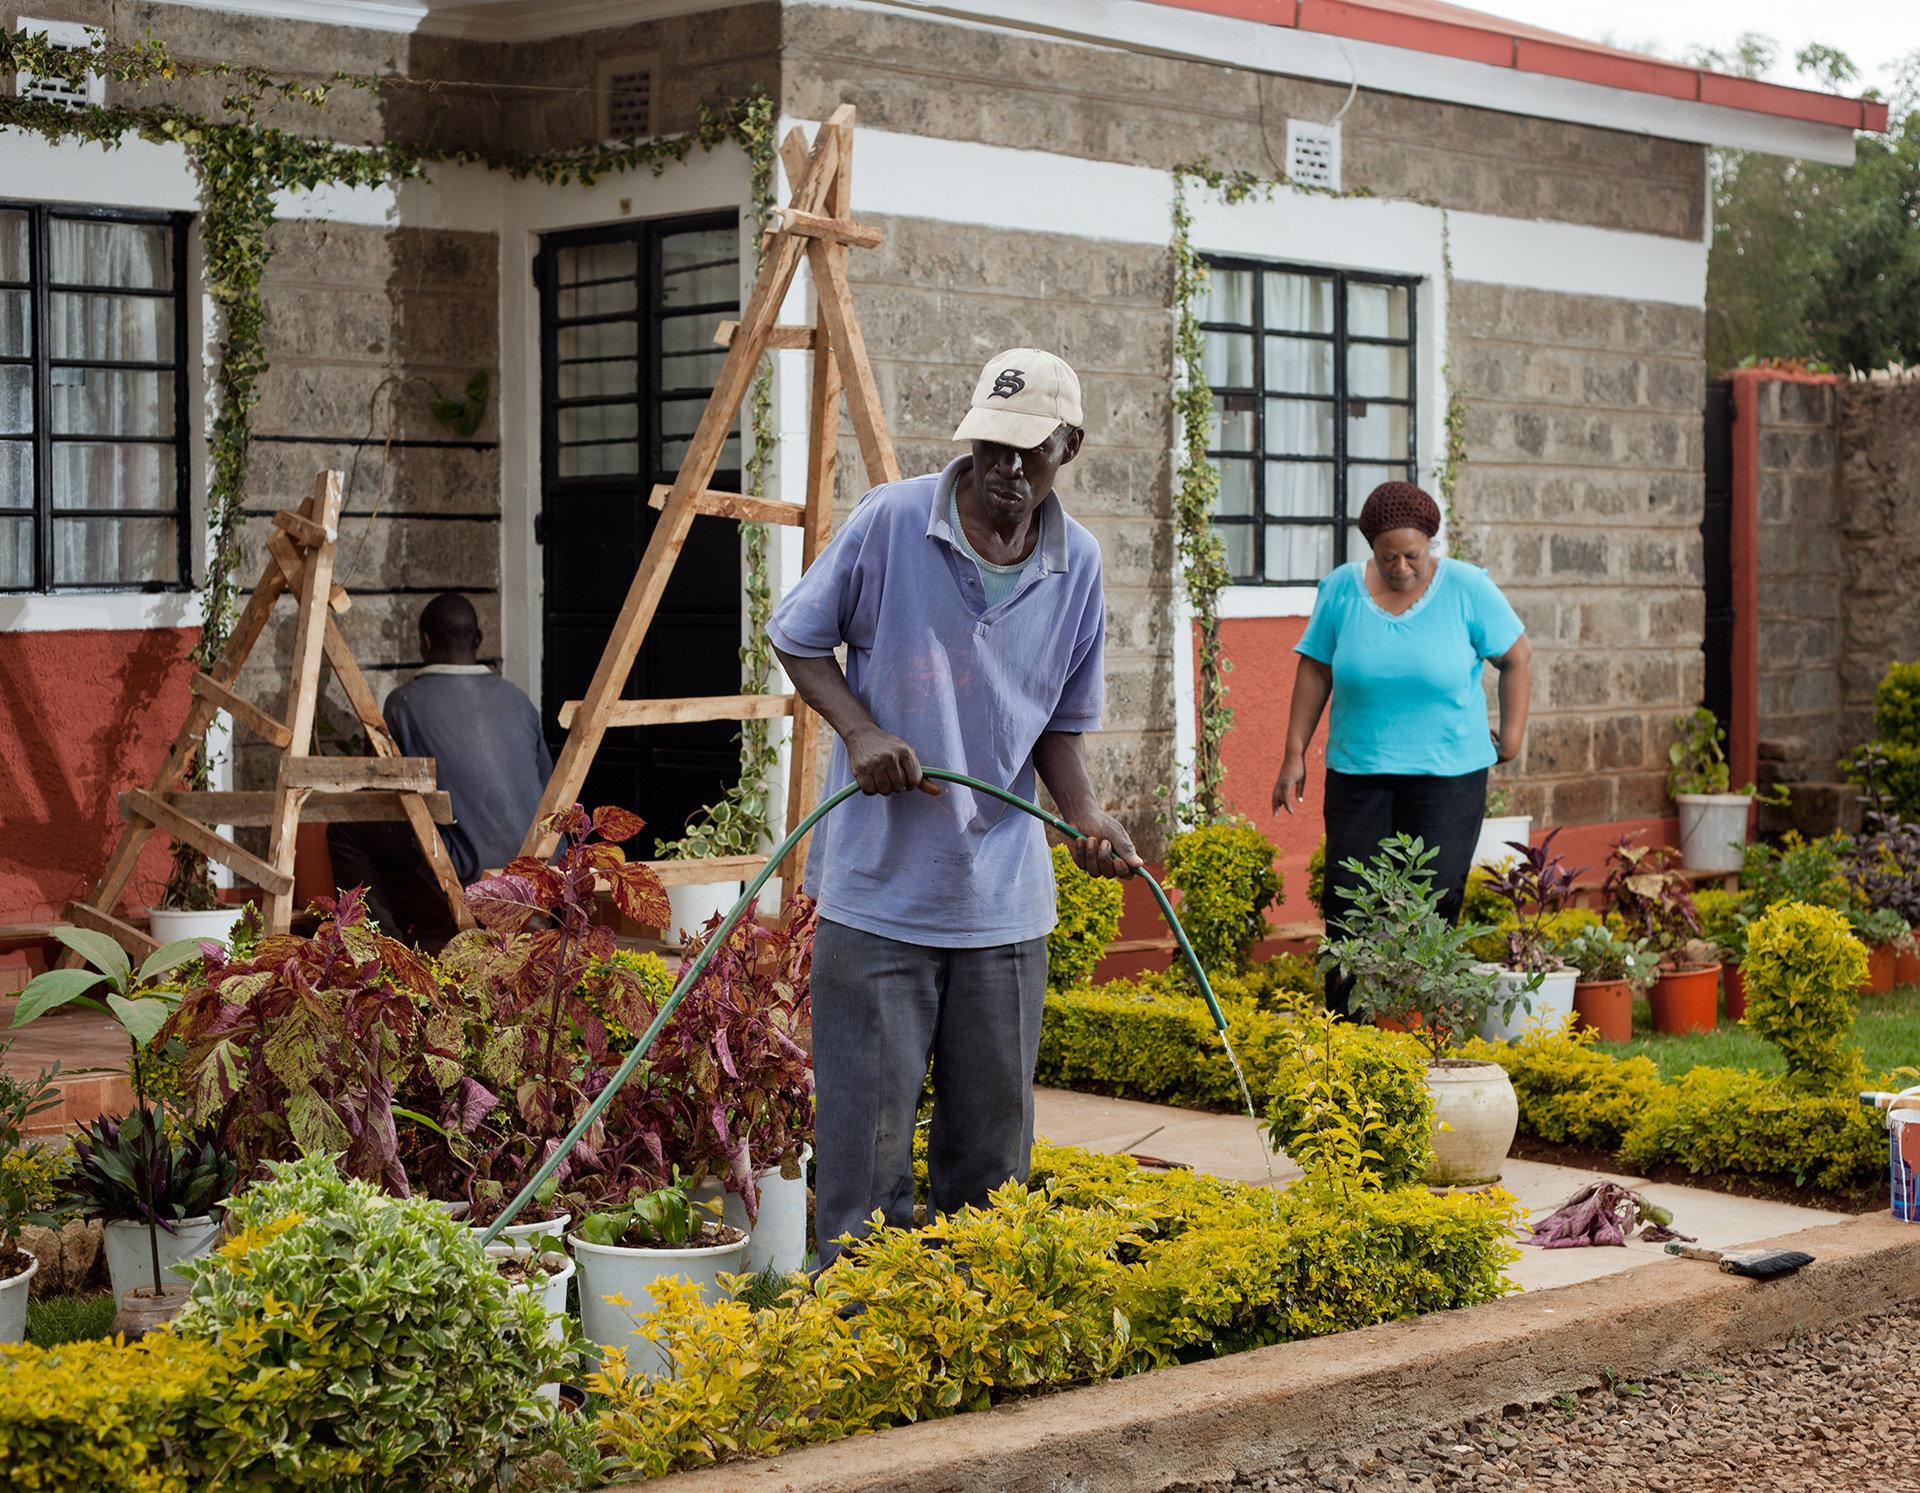 George Evans arbeitet als Wachmann und Gärtner in einer Gated Community.